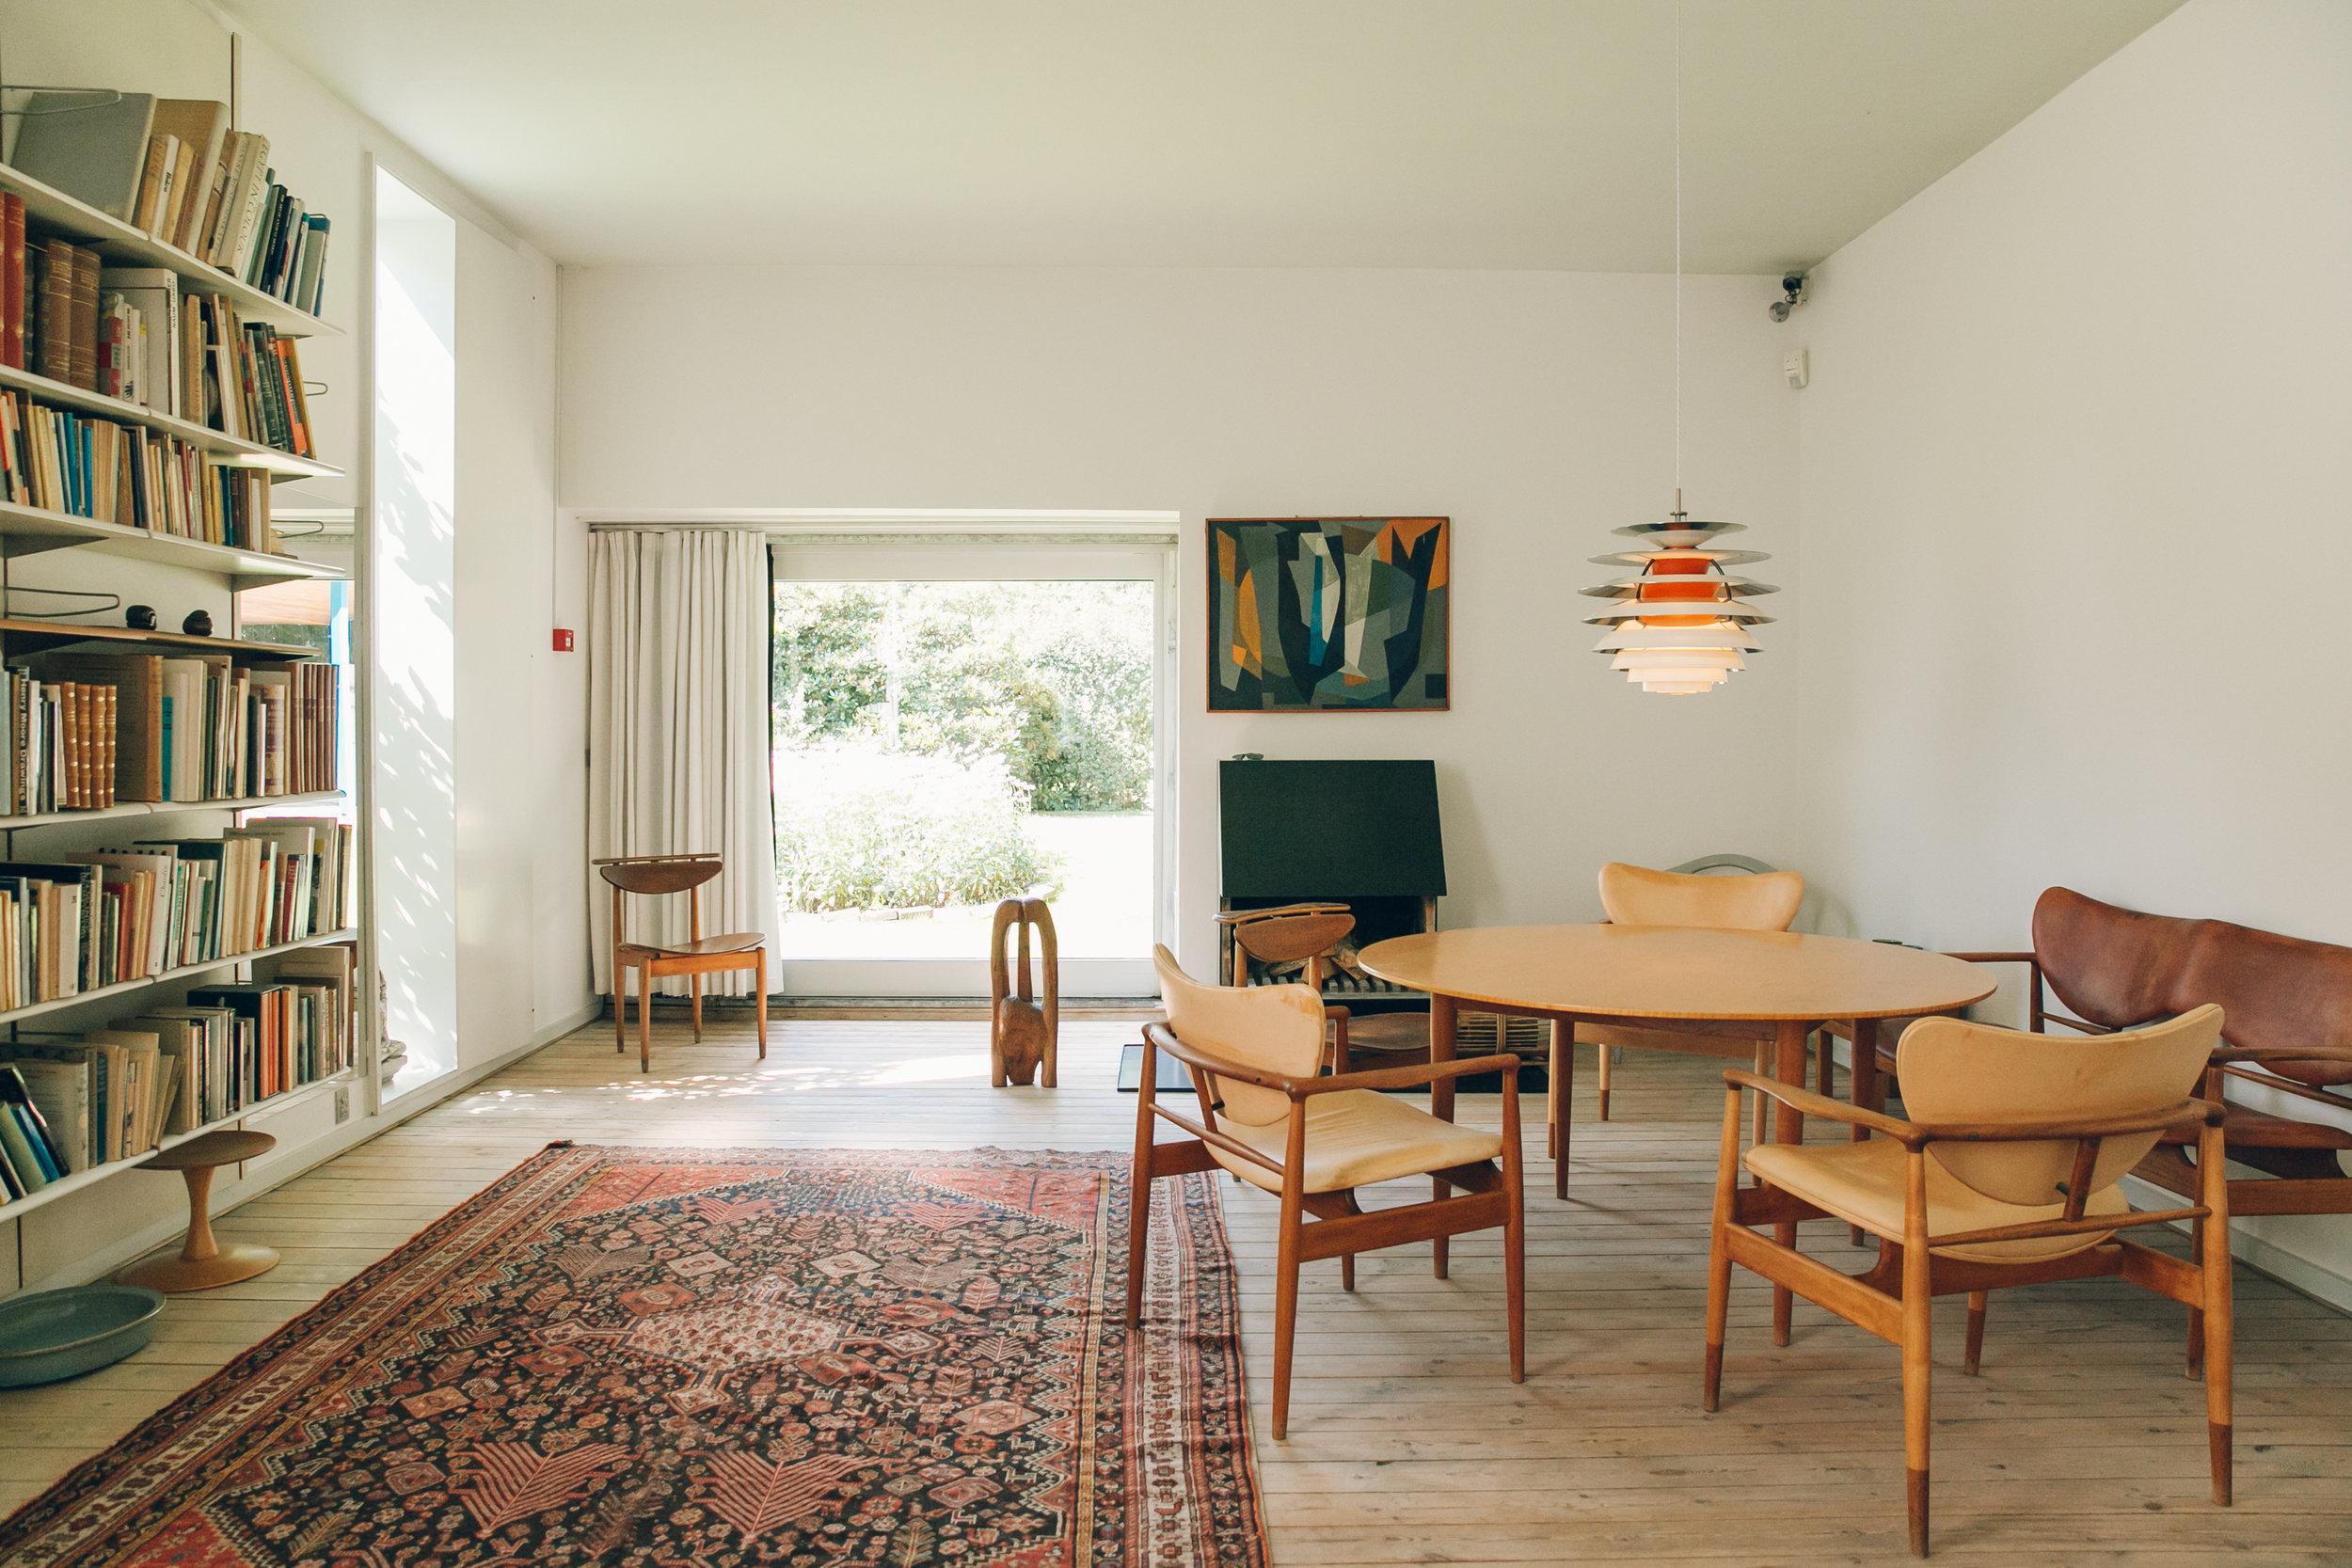 72 hours in Copenhagen - Finn Juhl's House.